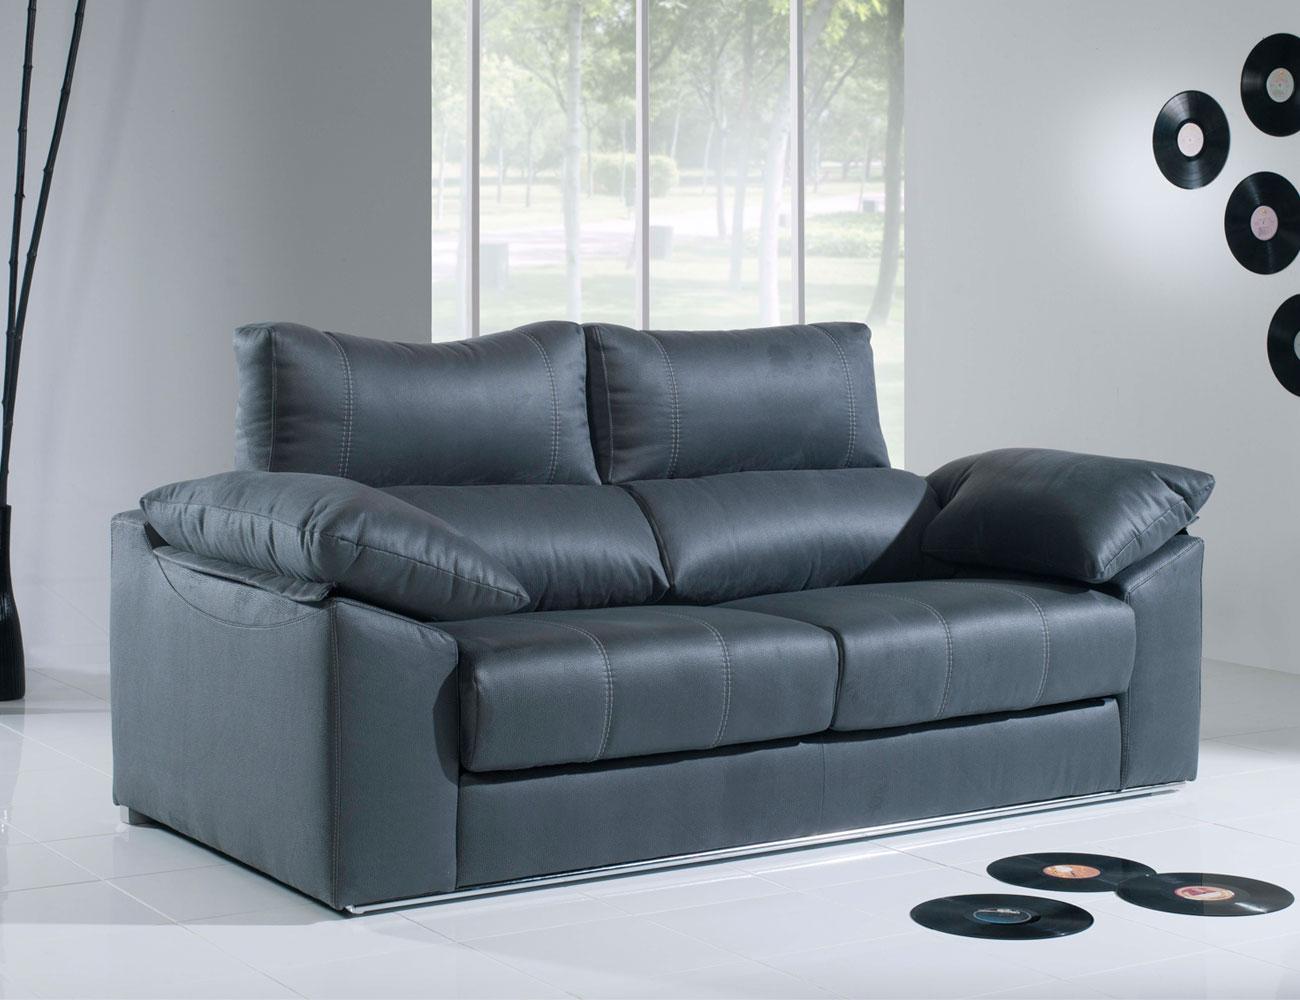 Sofa 3 plazas moderno con barra30